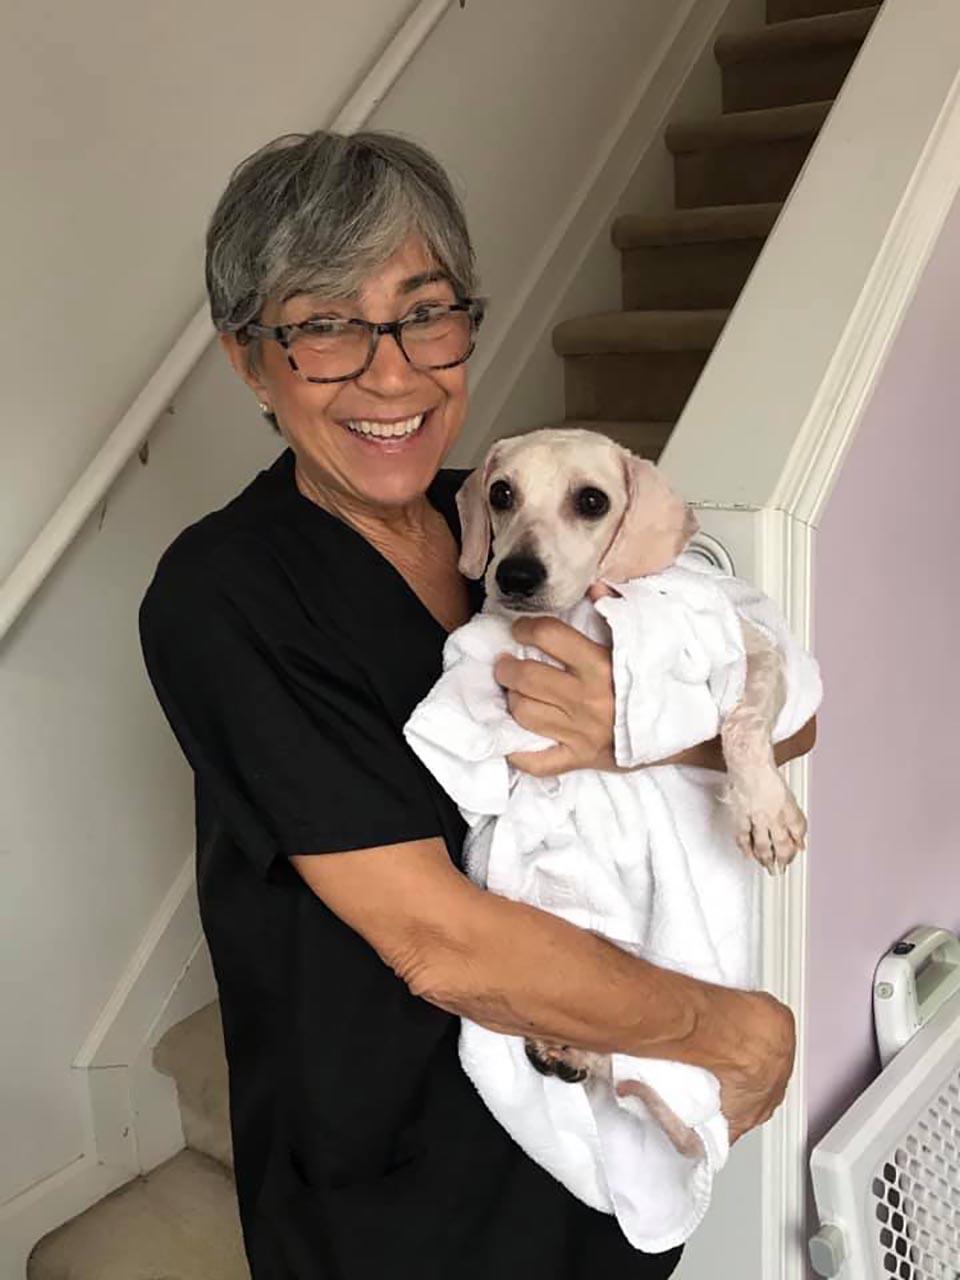 señora sostiene perrito rescatado